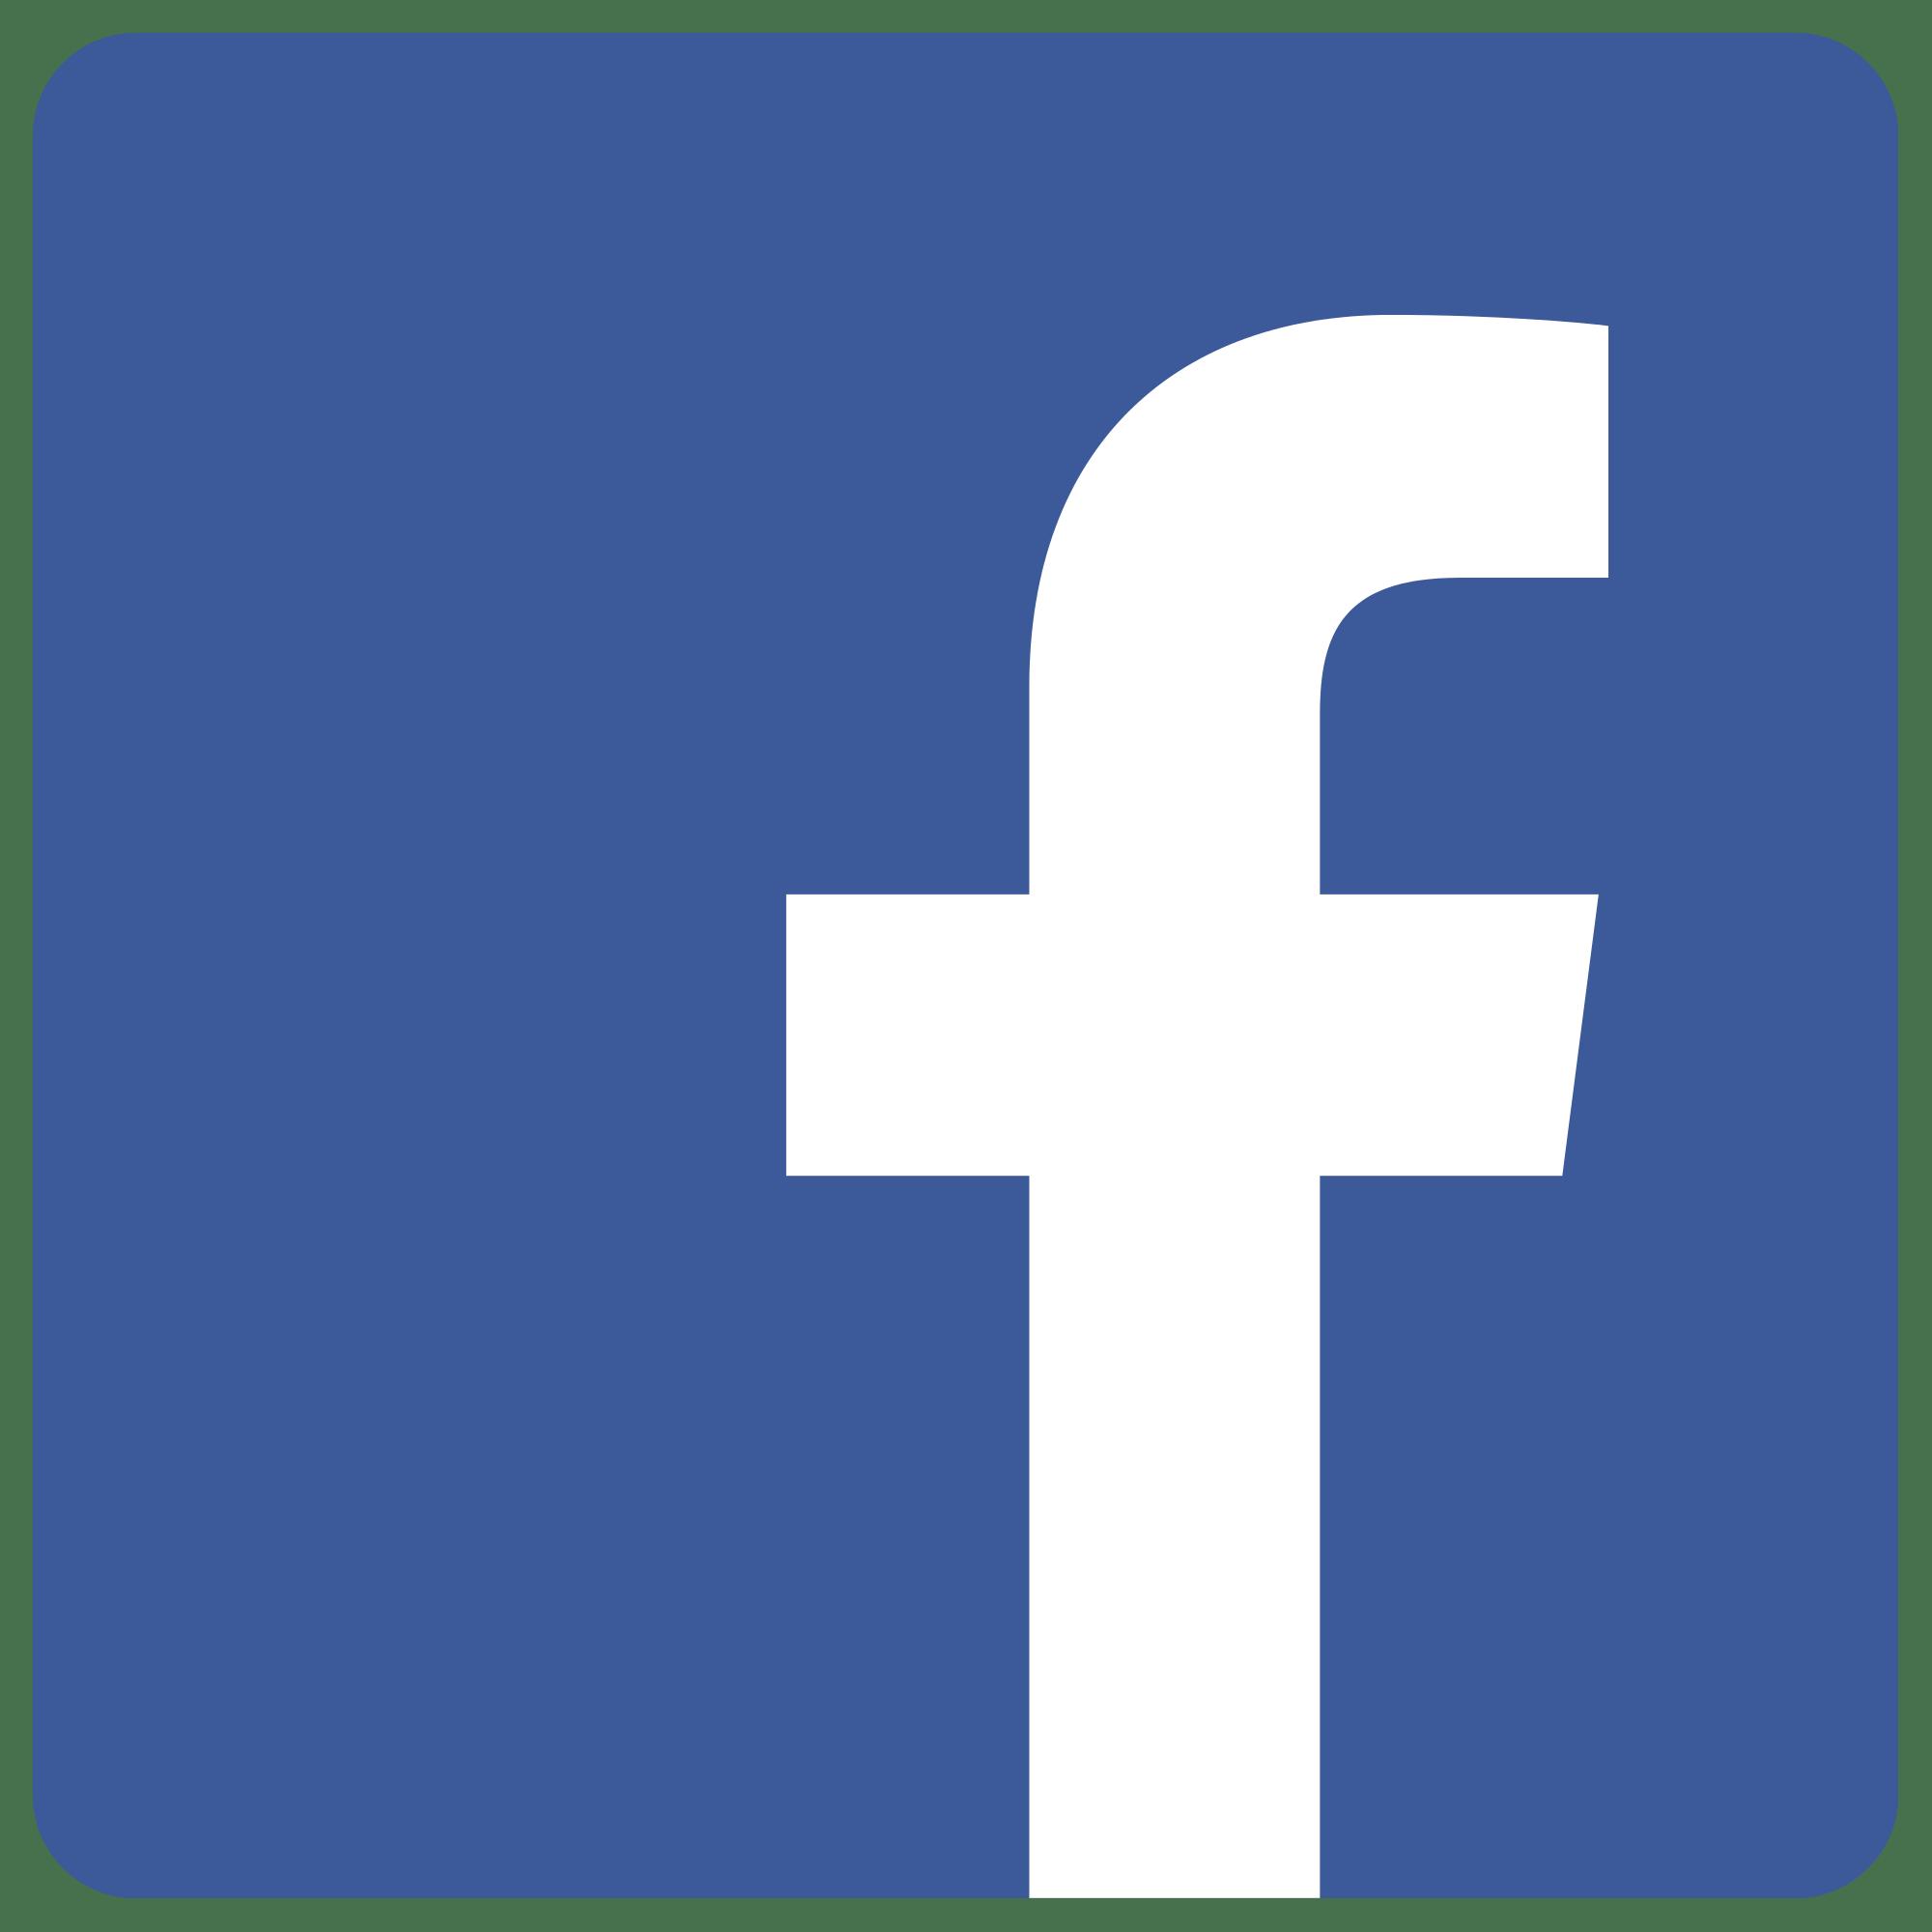 bluem facebook